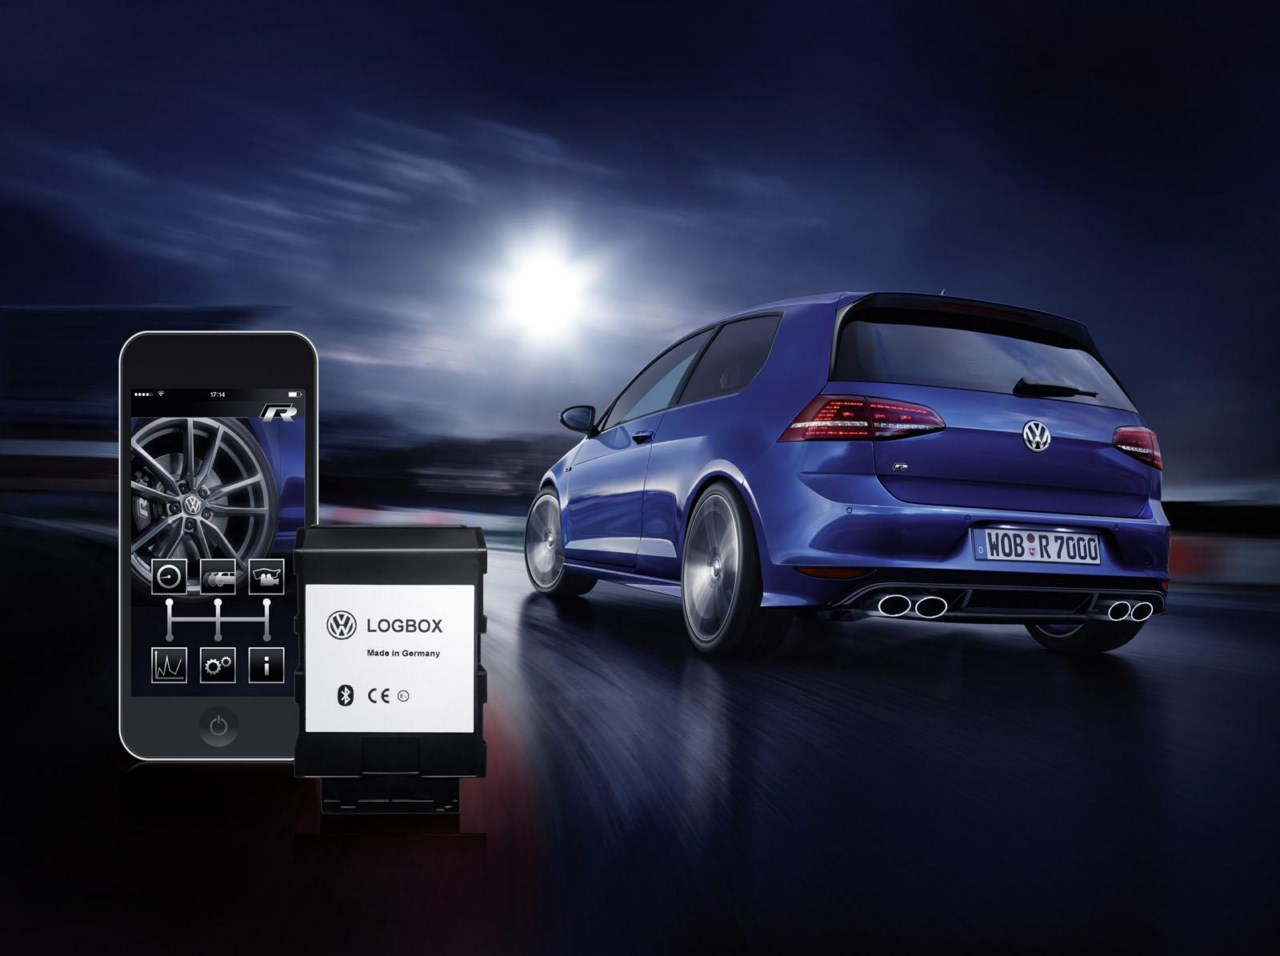 Volkswagen Accesorios lanza las aplicaciones RaceApp y LogBox